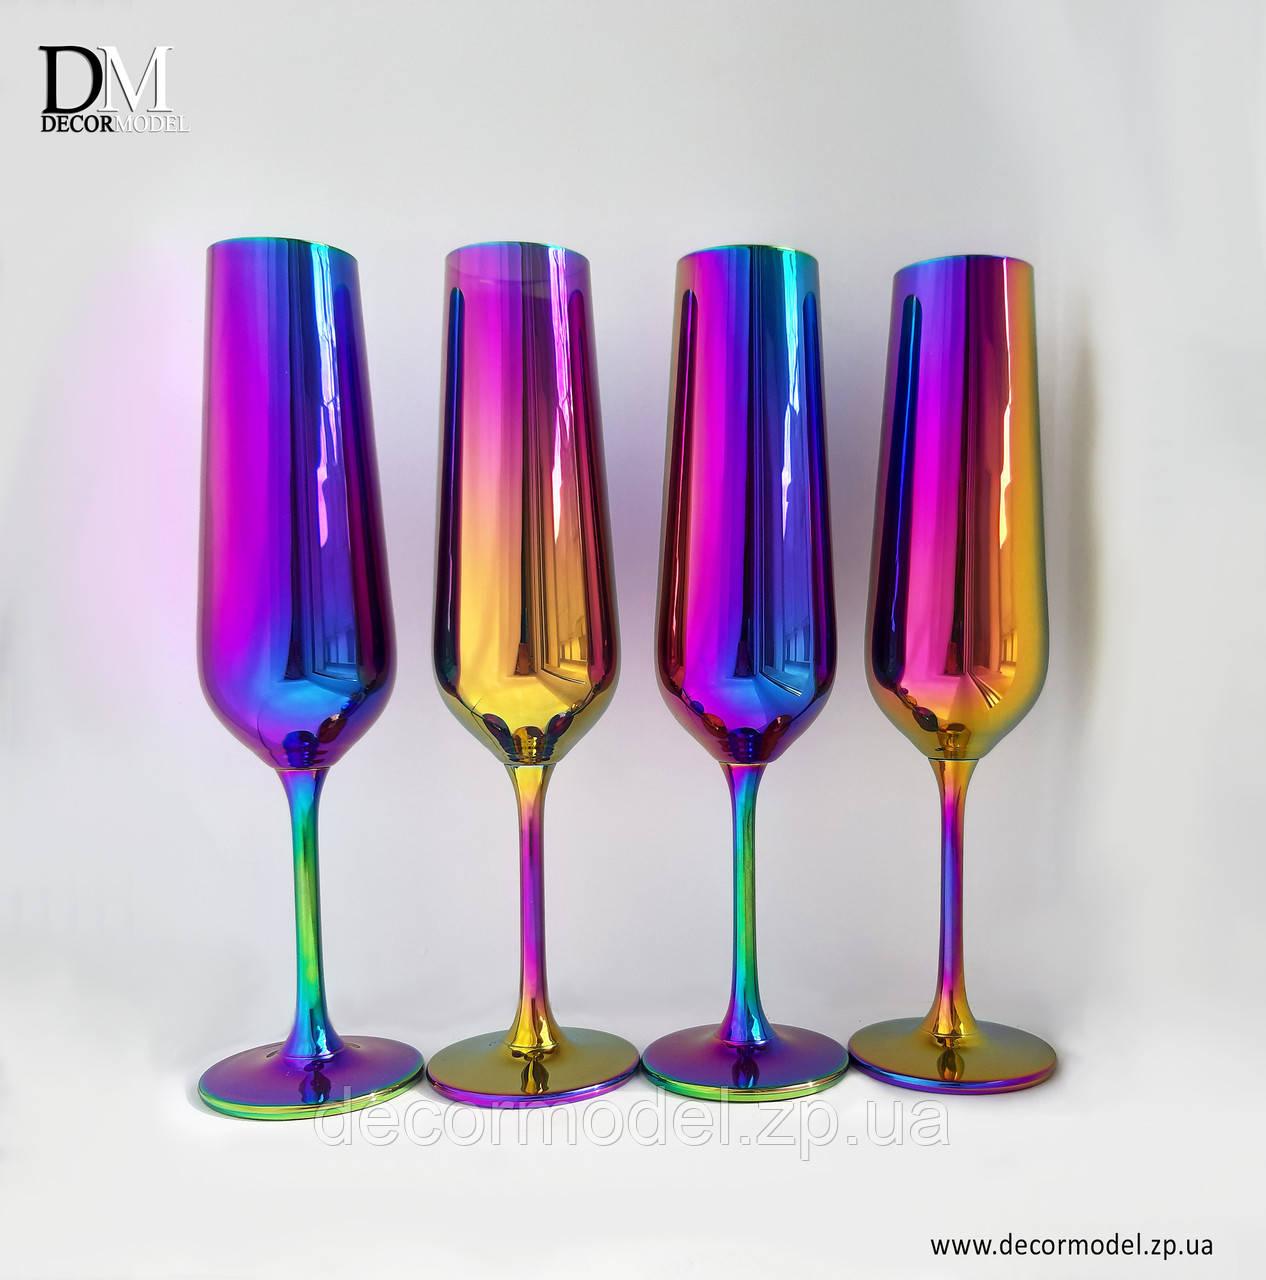 Набор бокалов для шампанского Bohemia Strix 200 мл. (цвет: РАДУГА, сияние)